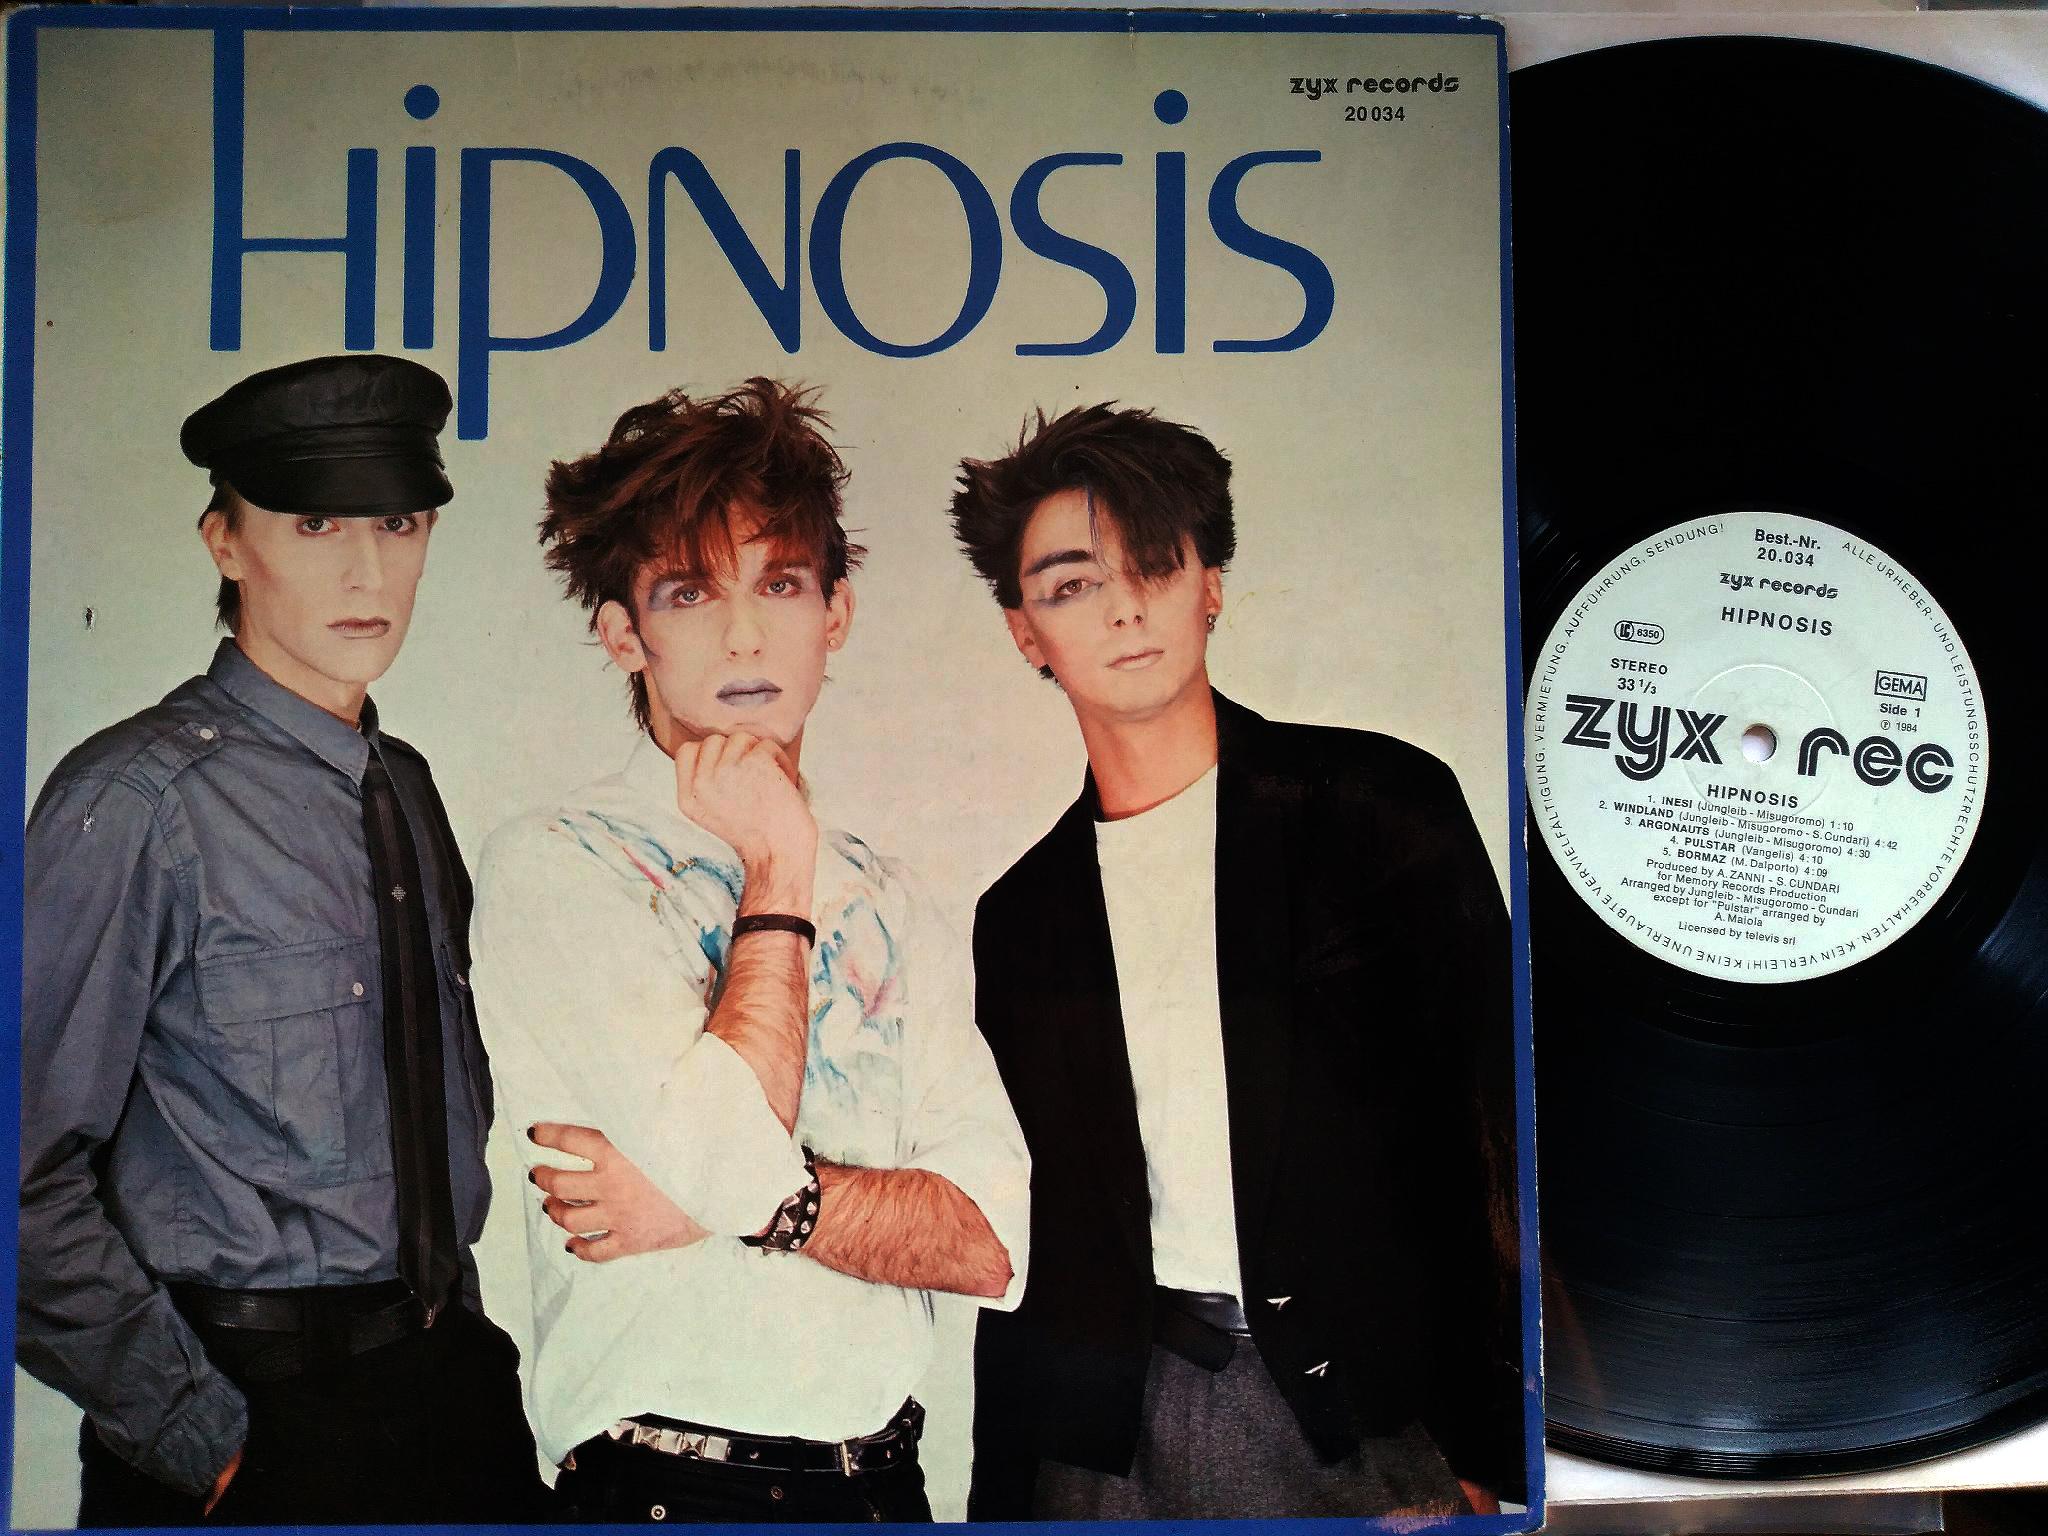 Hipnosis Hipnosis LP